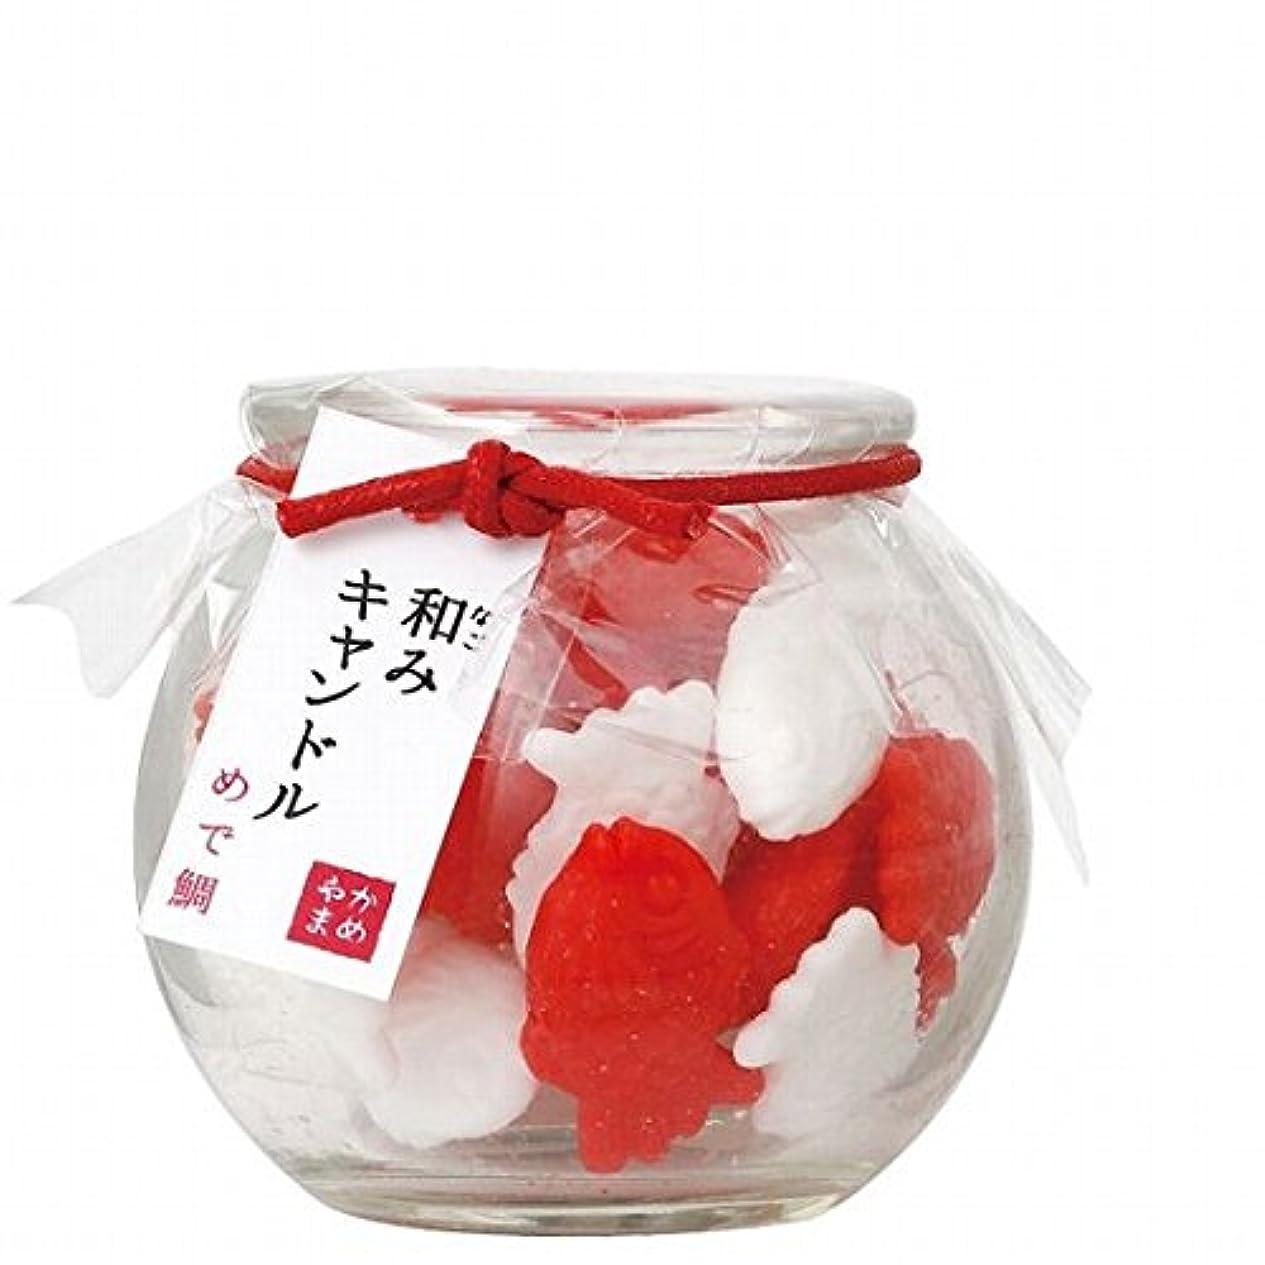 吸収するカジュアル長老カメヤマキャンドル(kameyama candle) 和みキャンドル 「めで鯛」